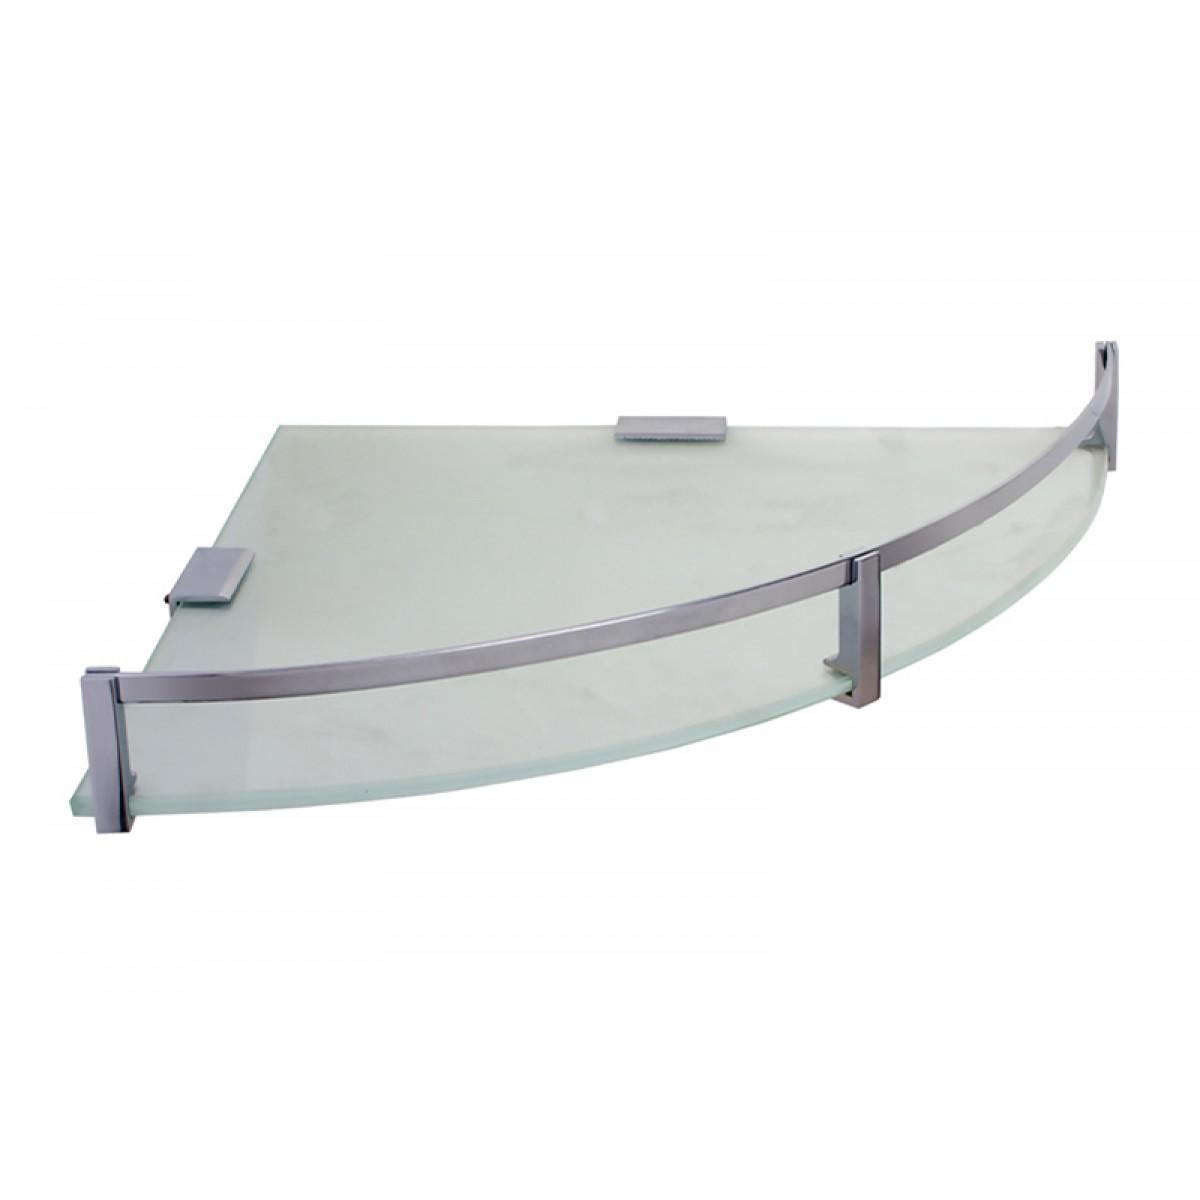 Klaxon Corner Glass Shelf With Brass Fittings Bathroom